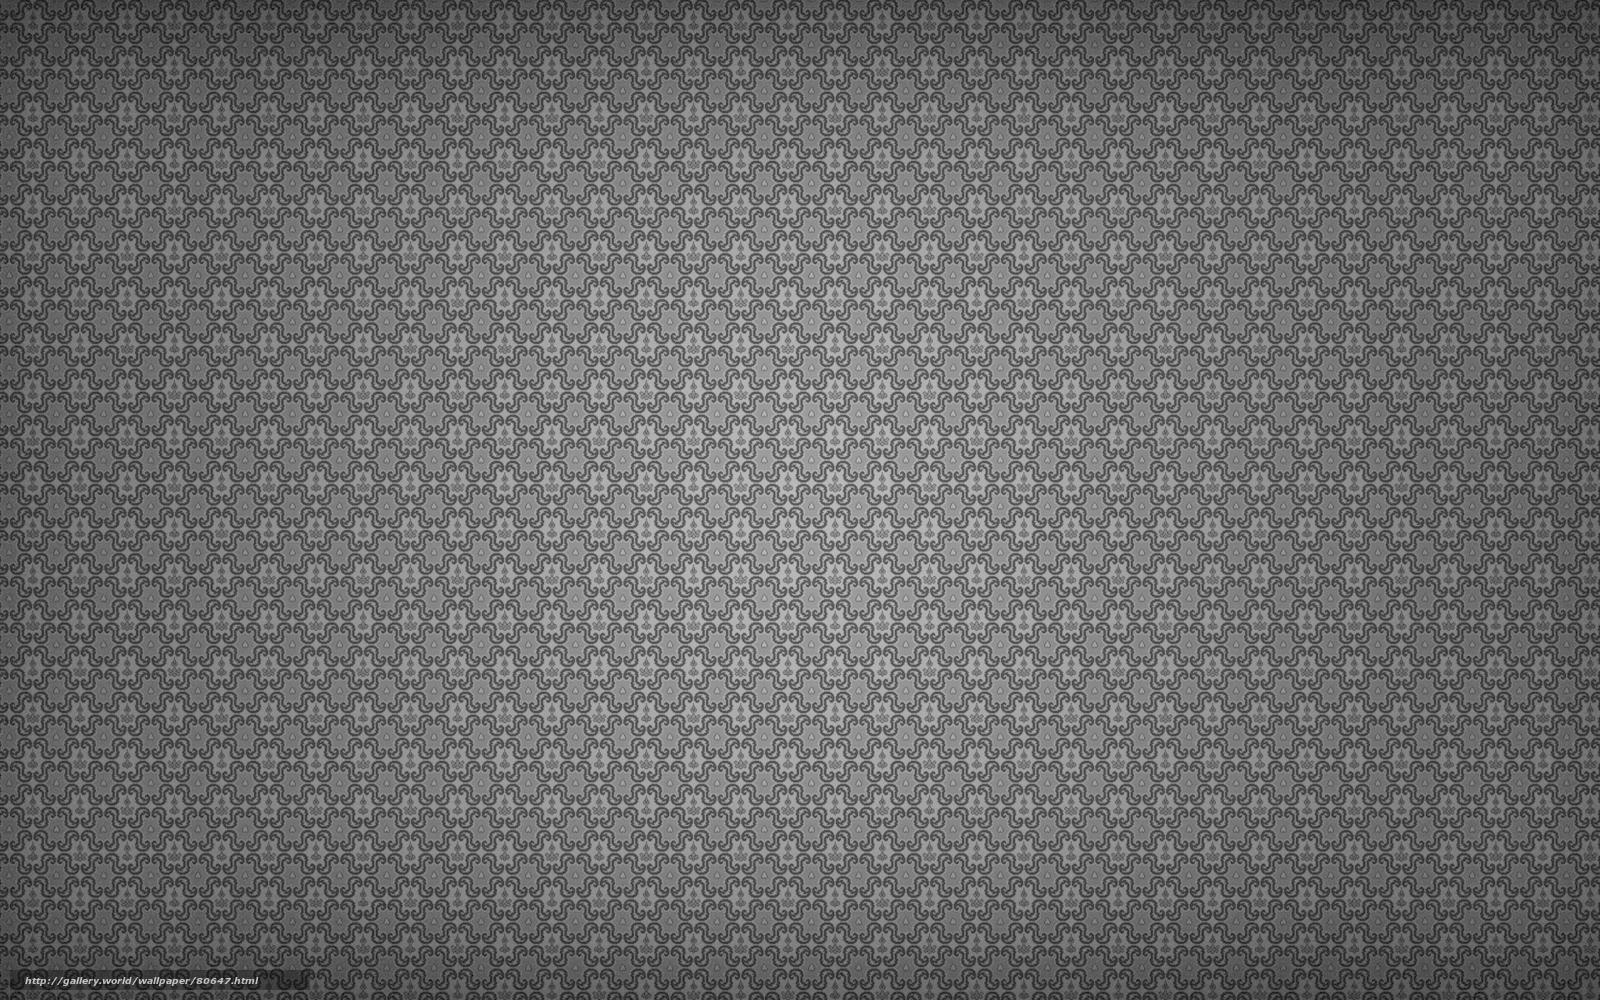 Textura papel de parede estilo Criatividade Papis de parede  #666666 1600 1000